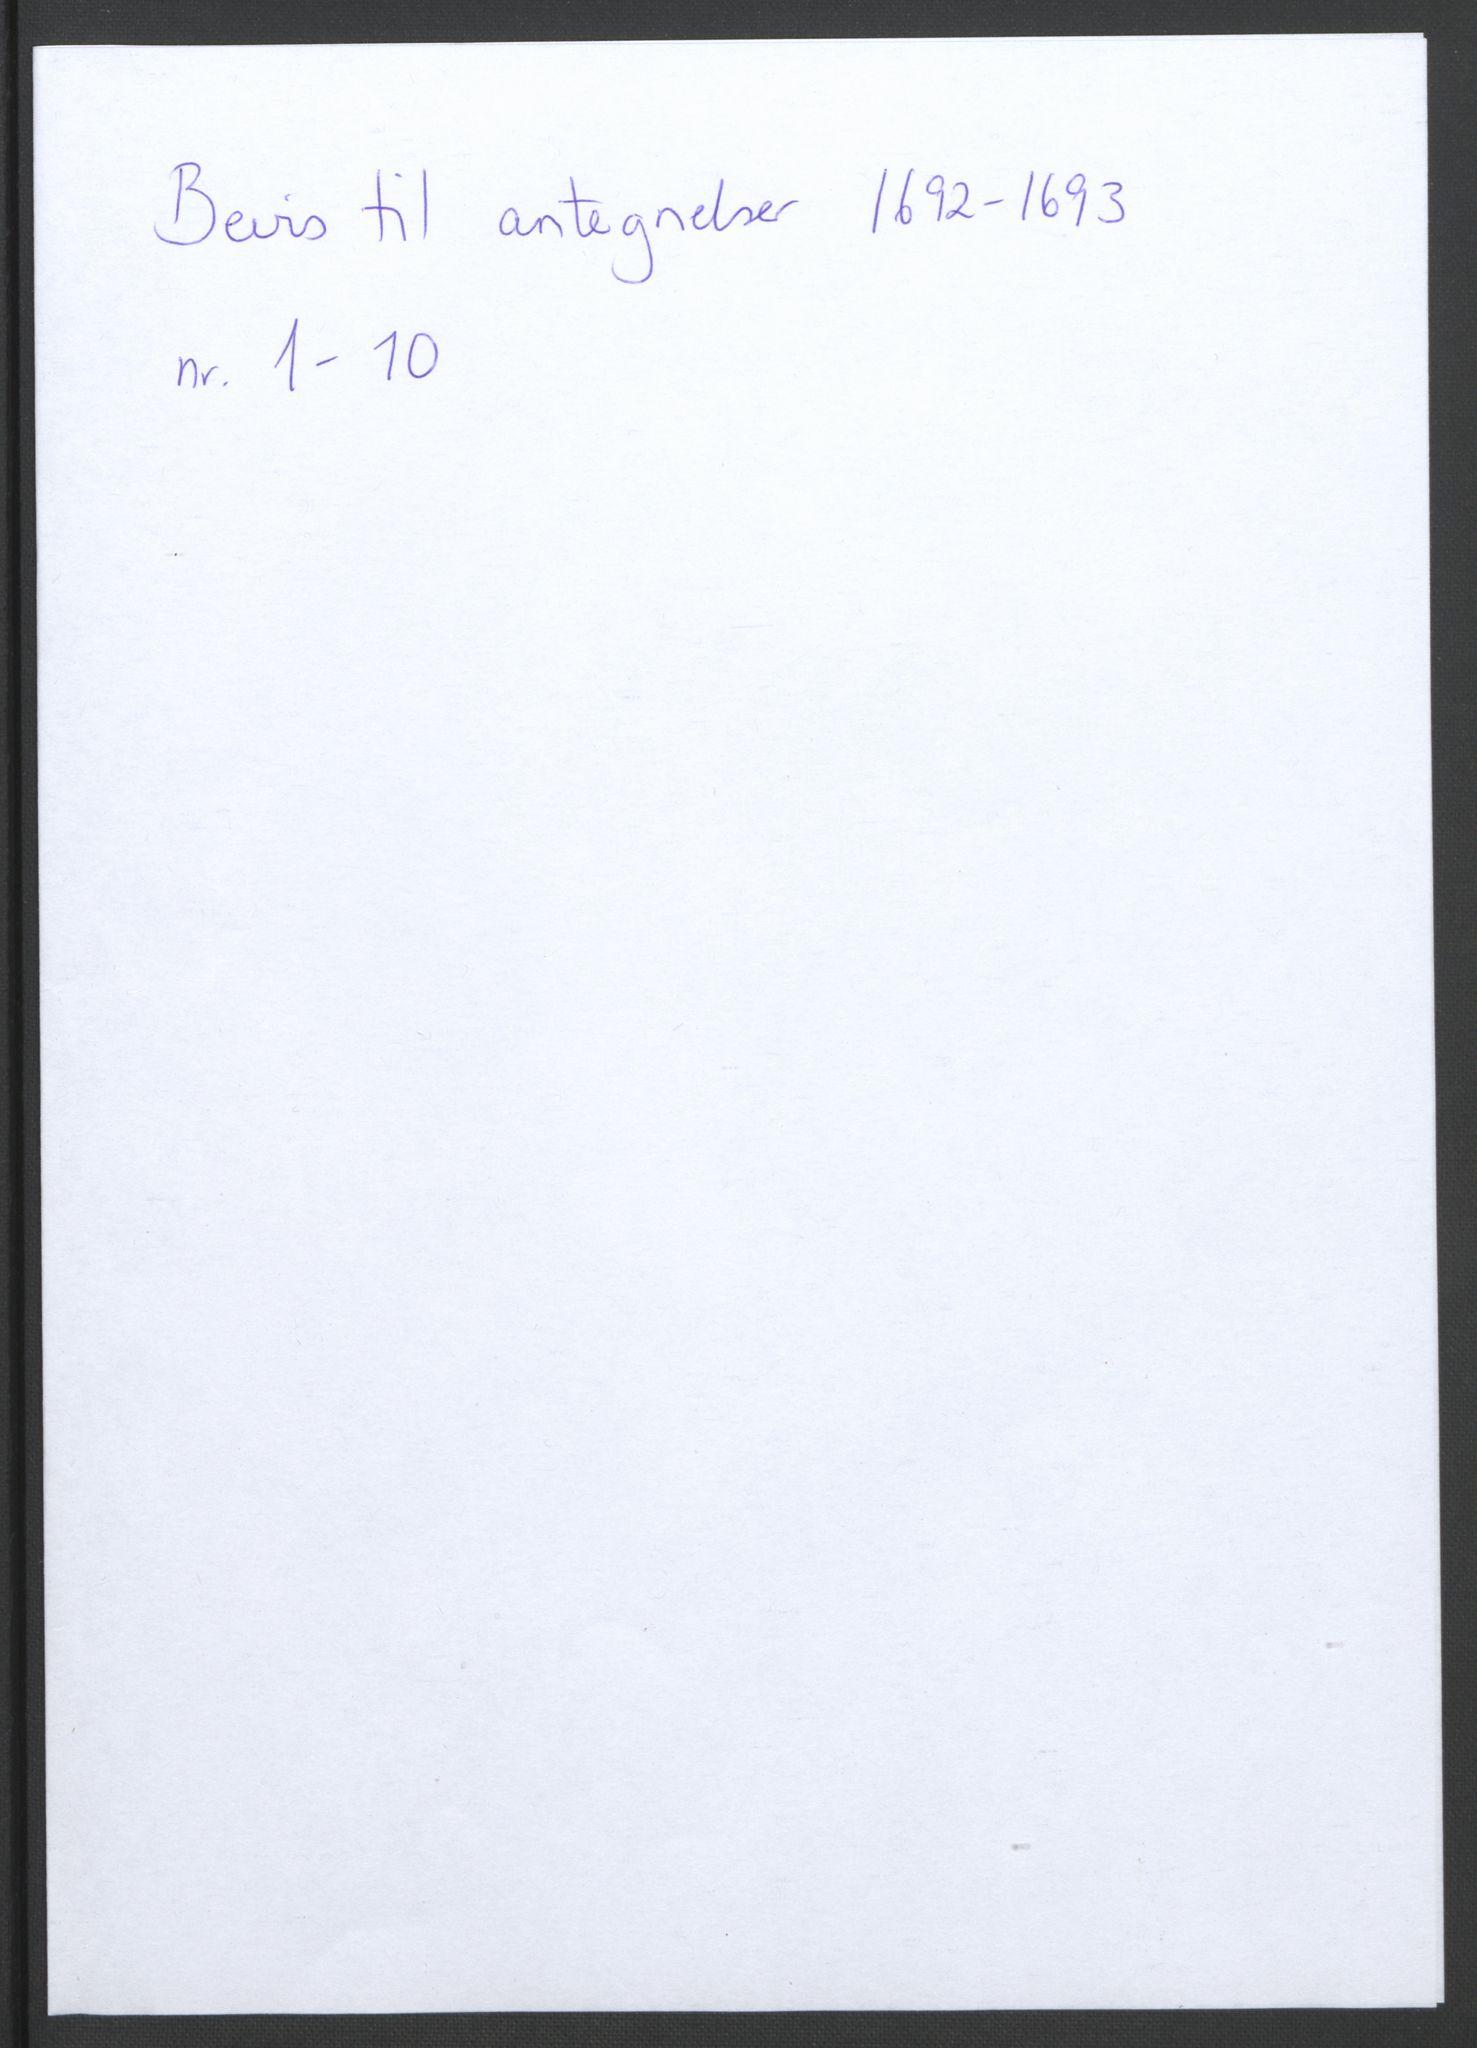 RA, Rentekammeret inntil 1814, Reviderte regnskaper, Fogderegnskap, R34/L2053: Fogderegnskap Bamble, 1693, s. 321